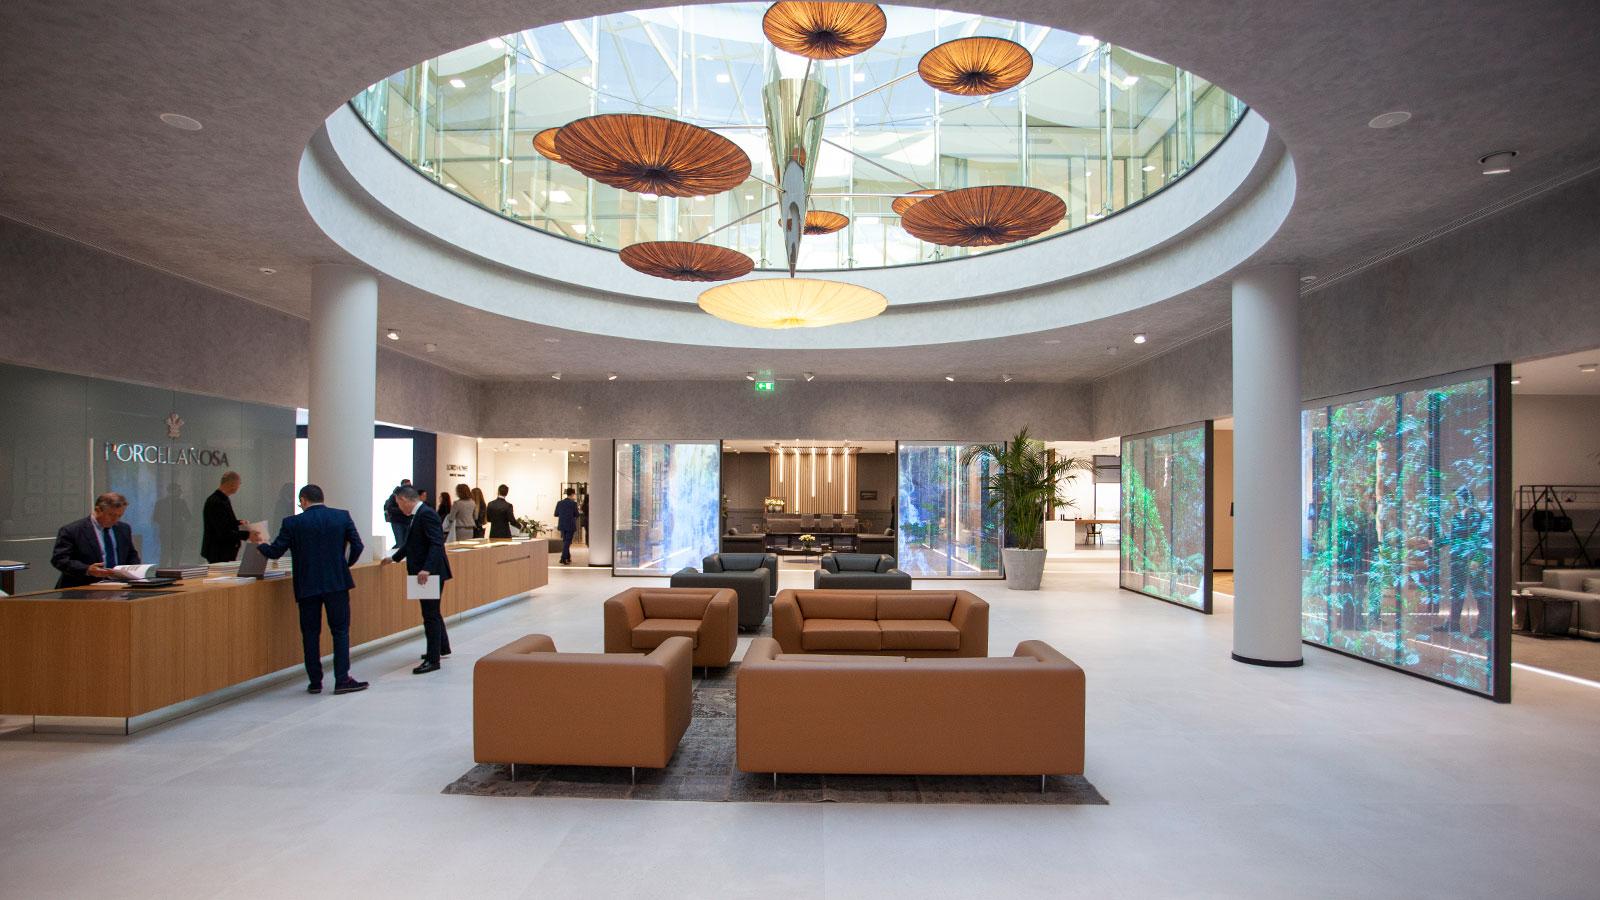 La tecnologia e la ceramica Premium segnano la XXVI Mostra Internazionale di Architettura Globale e Interior Design di Porcelanosa Grupo